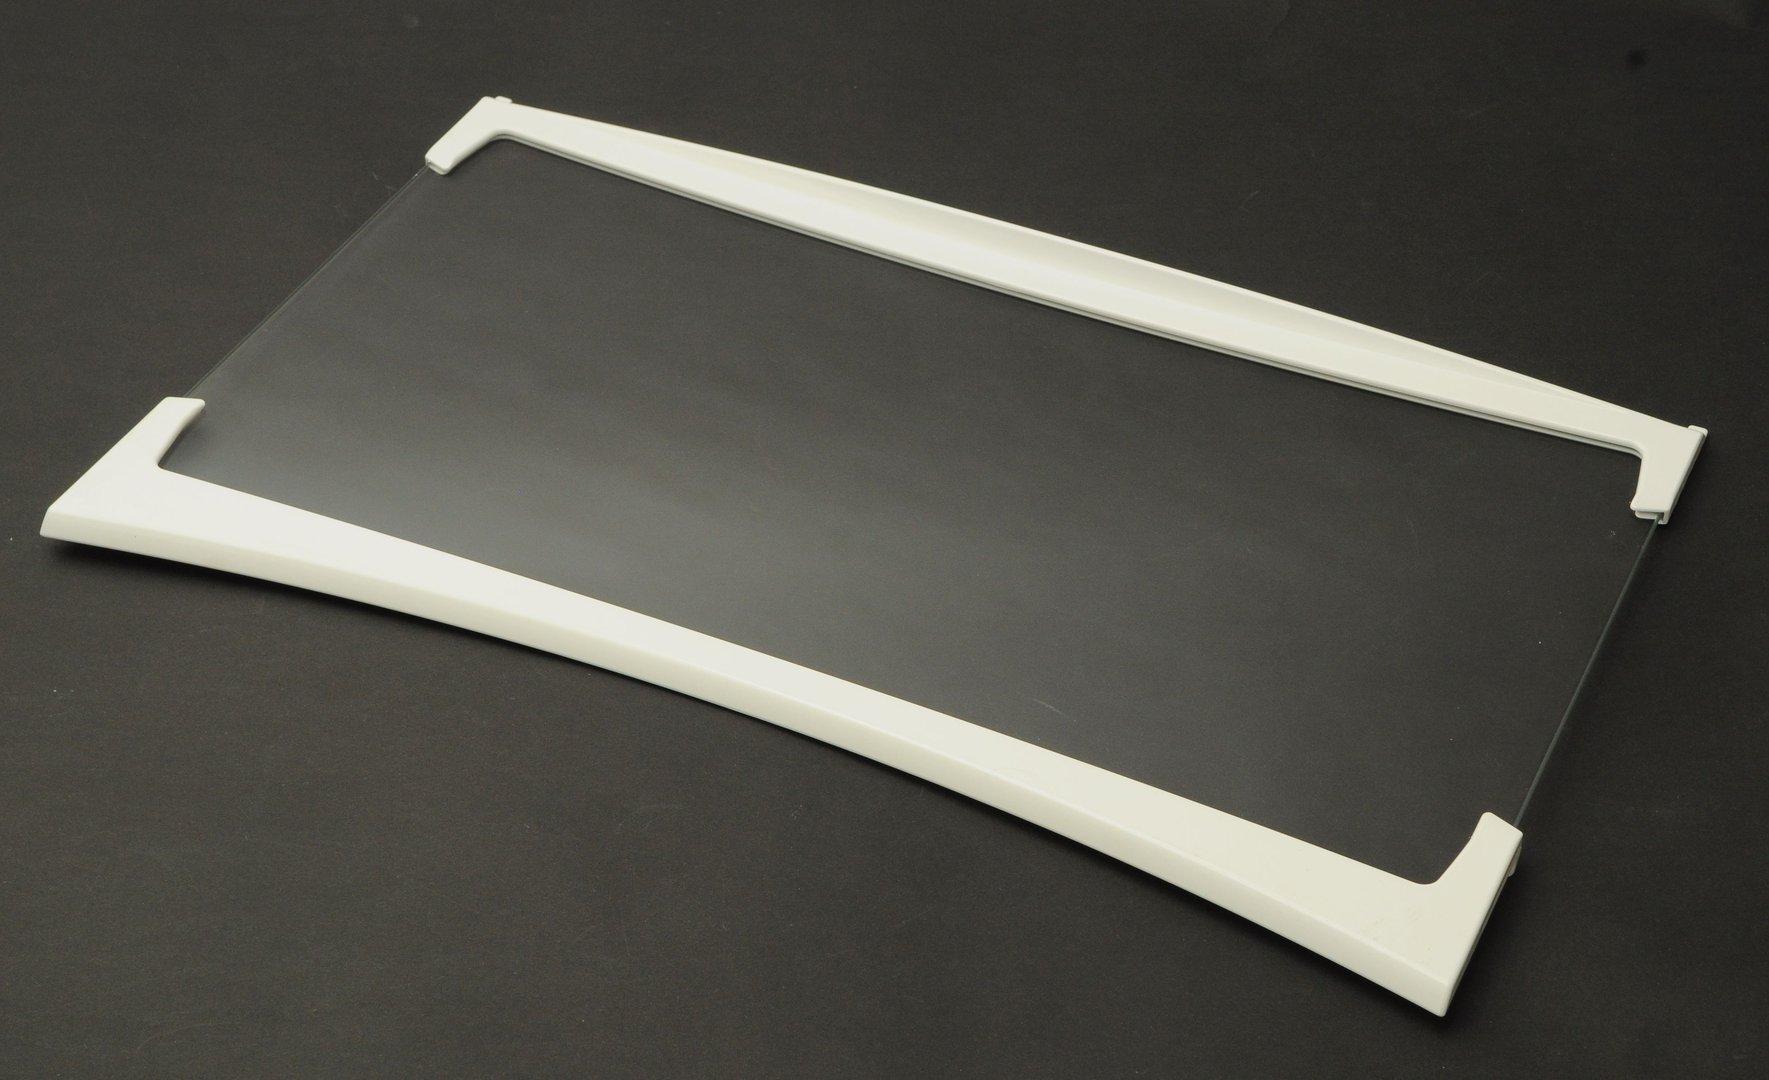 Kühlschrank Glasplatte : Gorenje privileg glasplatte glasablage mm kühlschrank